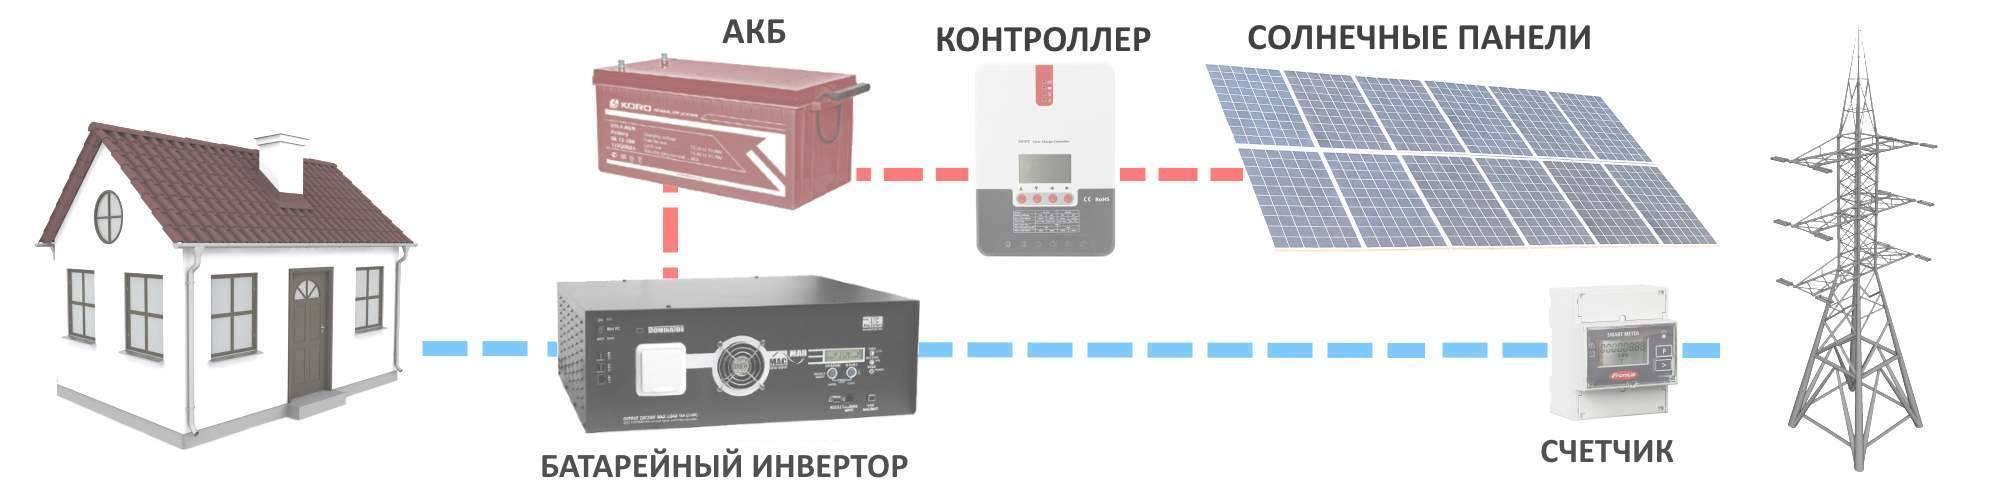 Инверторы для солнечной батареи – обзор популярных моделей